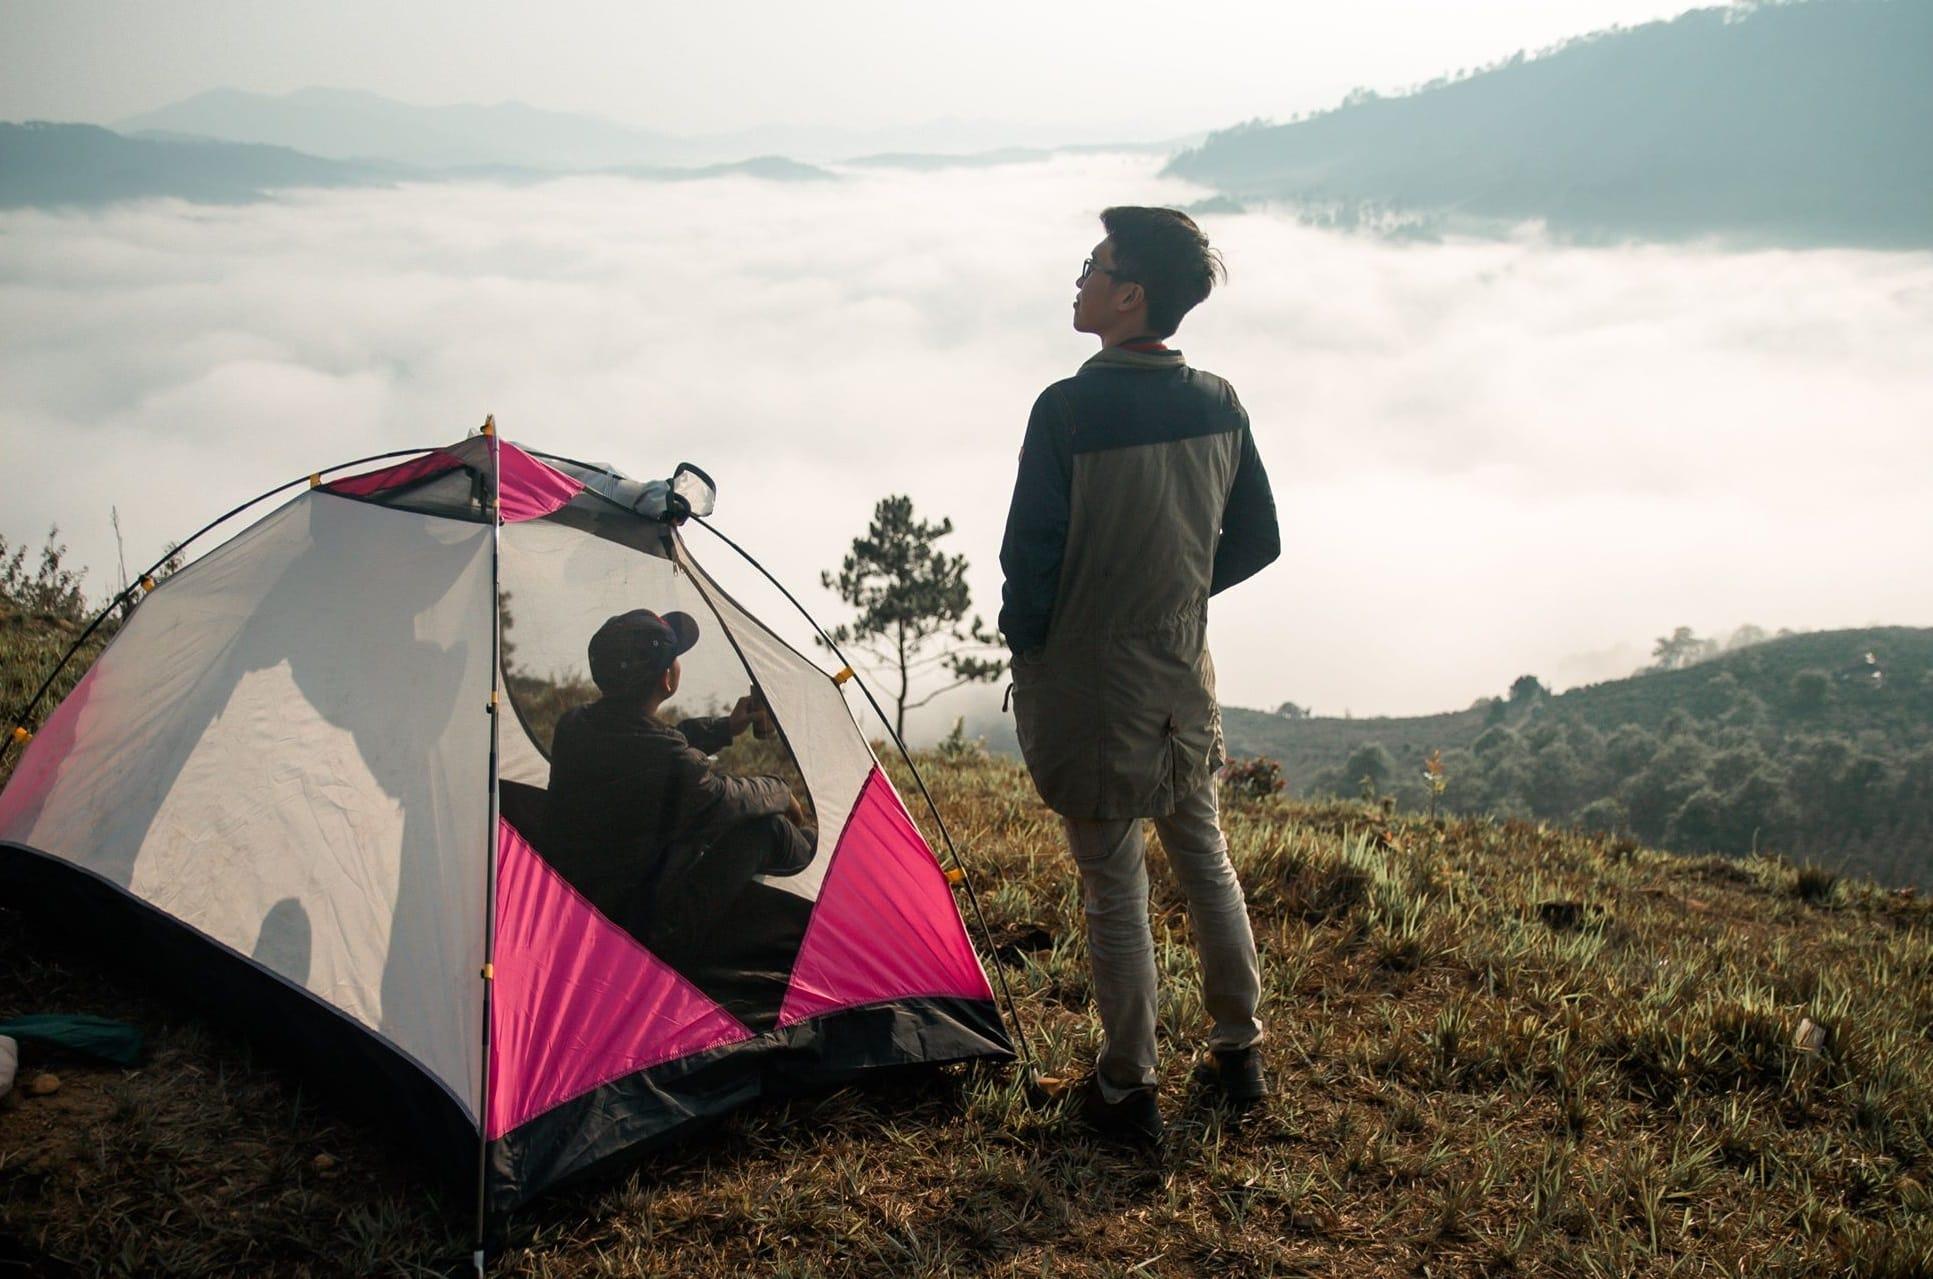 Cắm trại đêm ngắm dải ngân hà và săn mây Đà Lạt